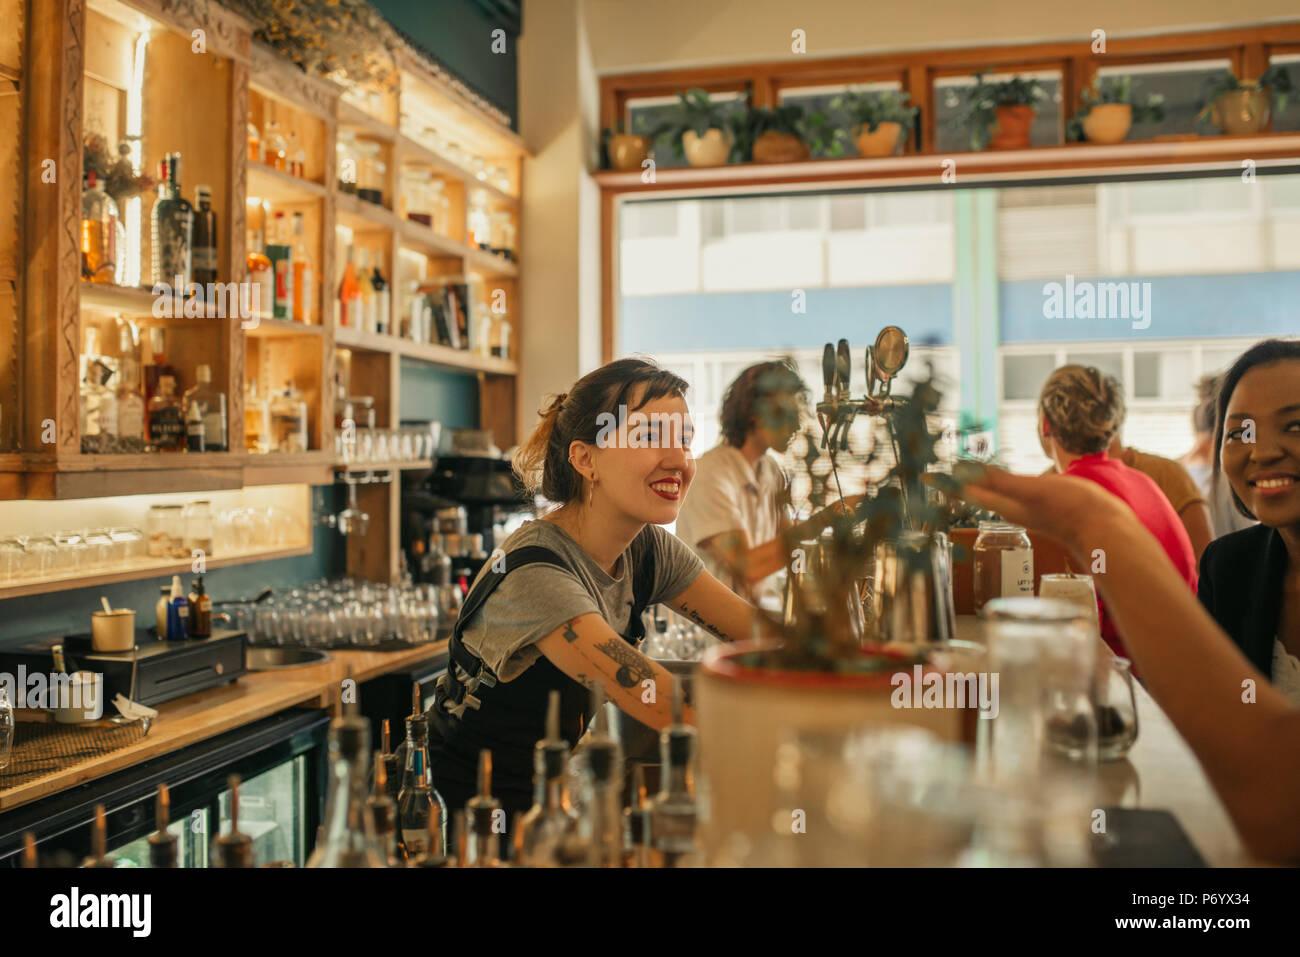 Lächelnd weibliche Barkeeper im Gespräch mit dem Kunden in einem Bartresen Stockbild